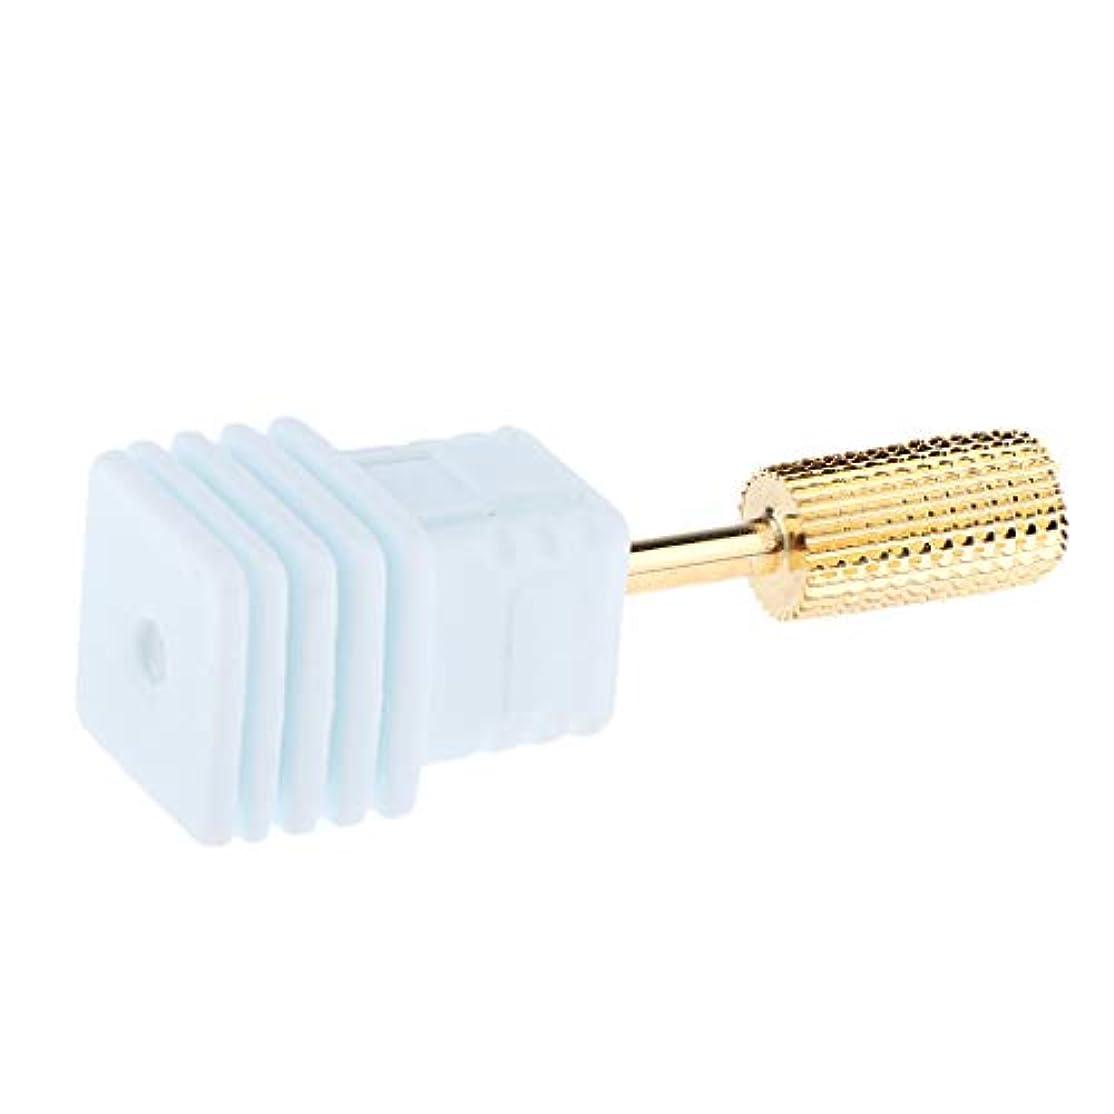 肌寒いテープ特権的ネイルドリルビットセットバレルヘッド電動ドリルビット粗研削工具 - ゴールドM